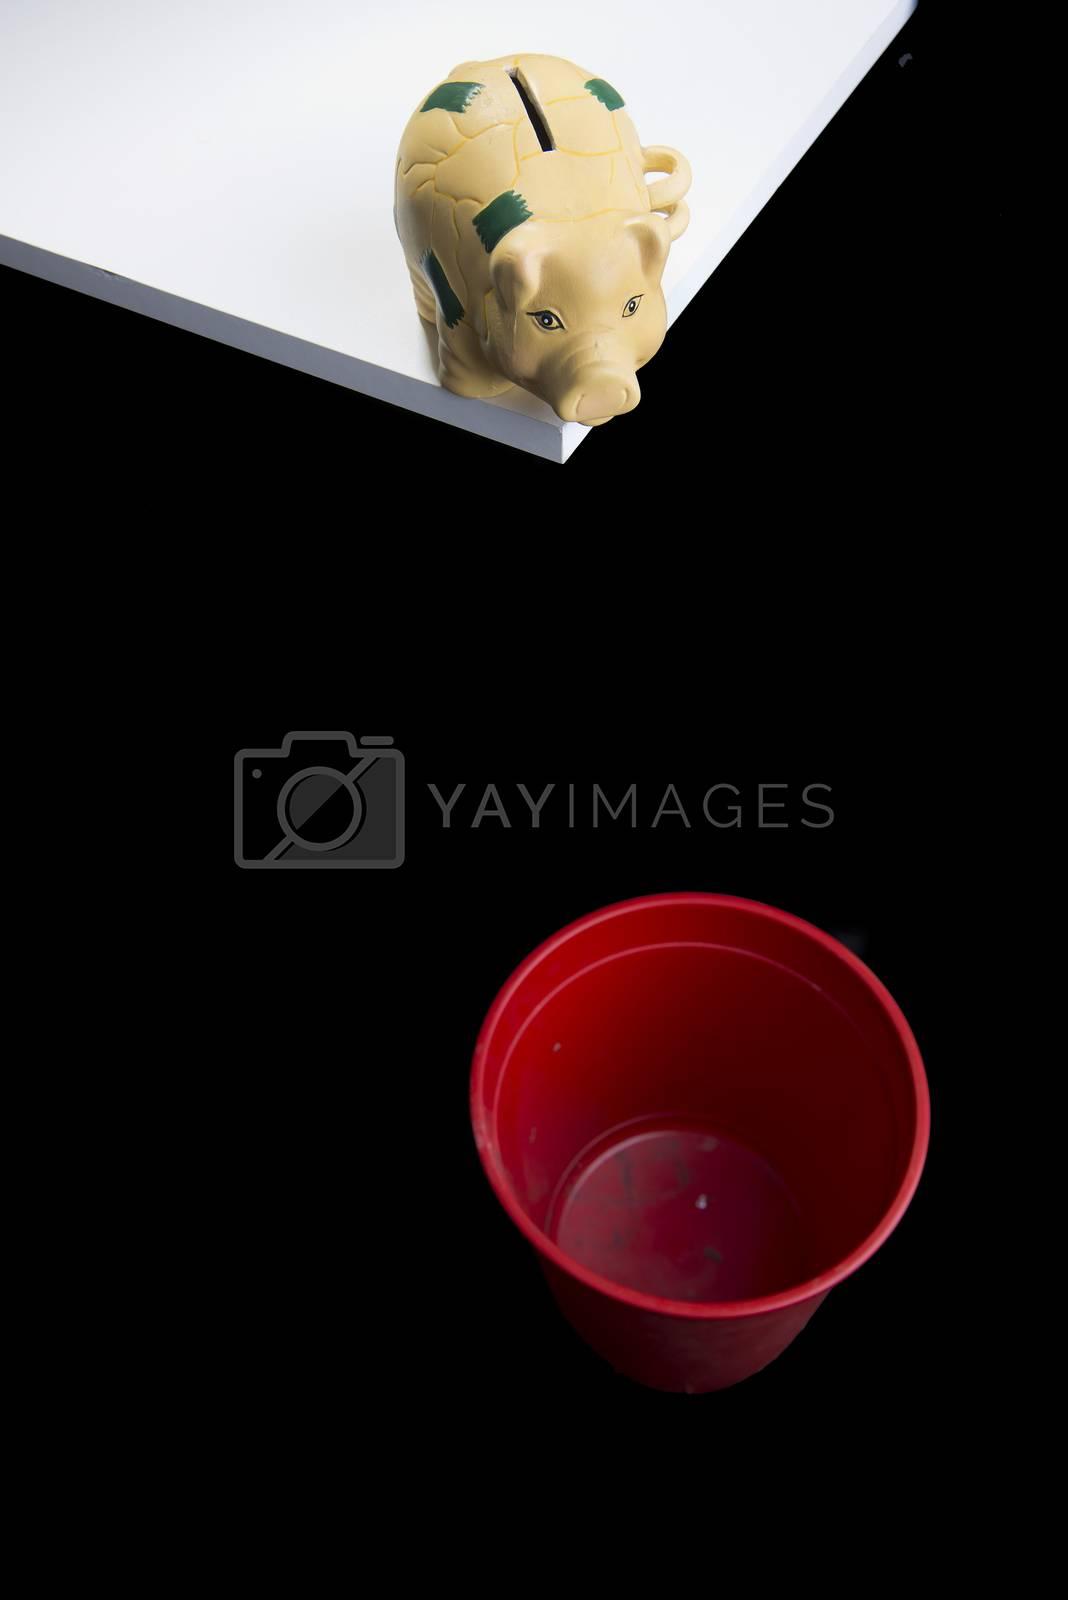 Piggy bank by Delle Vedove